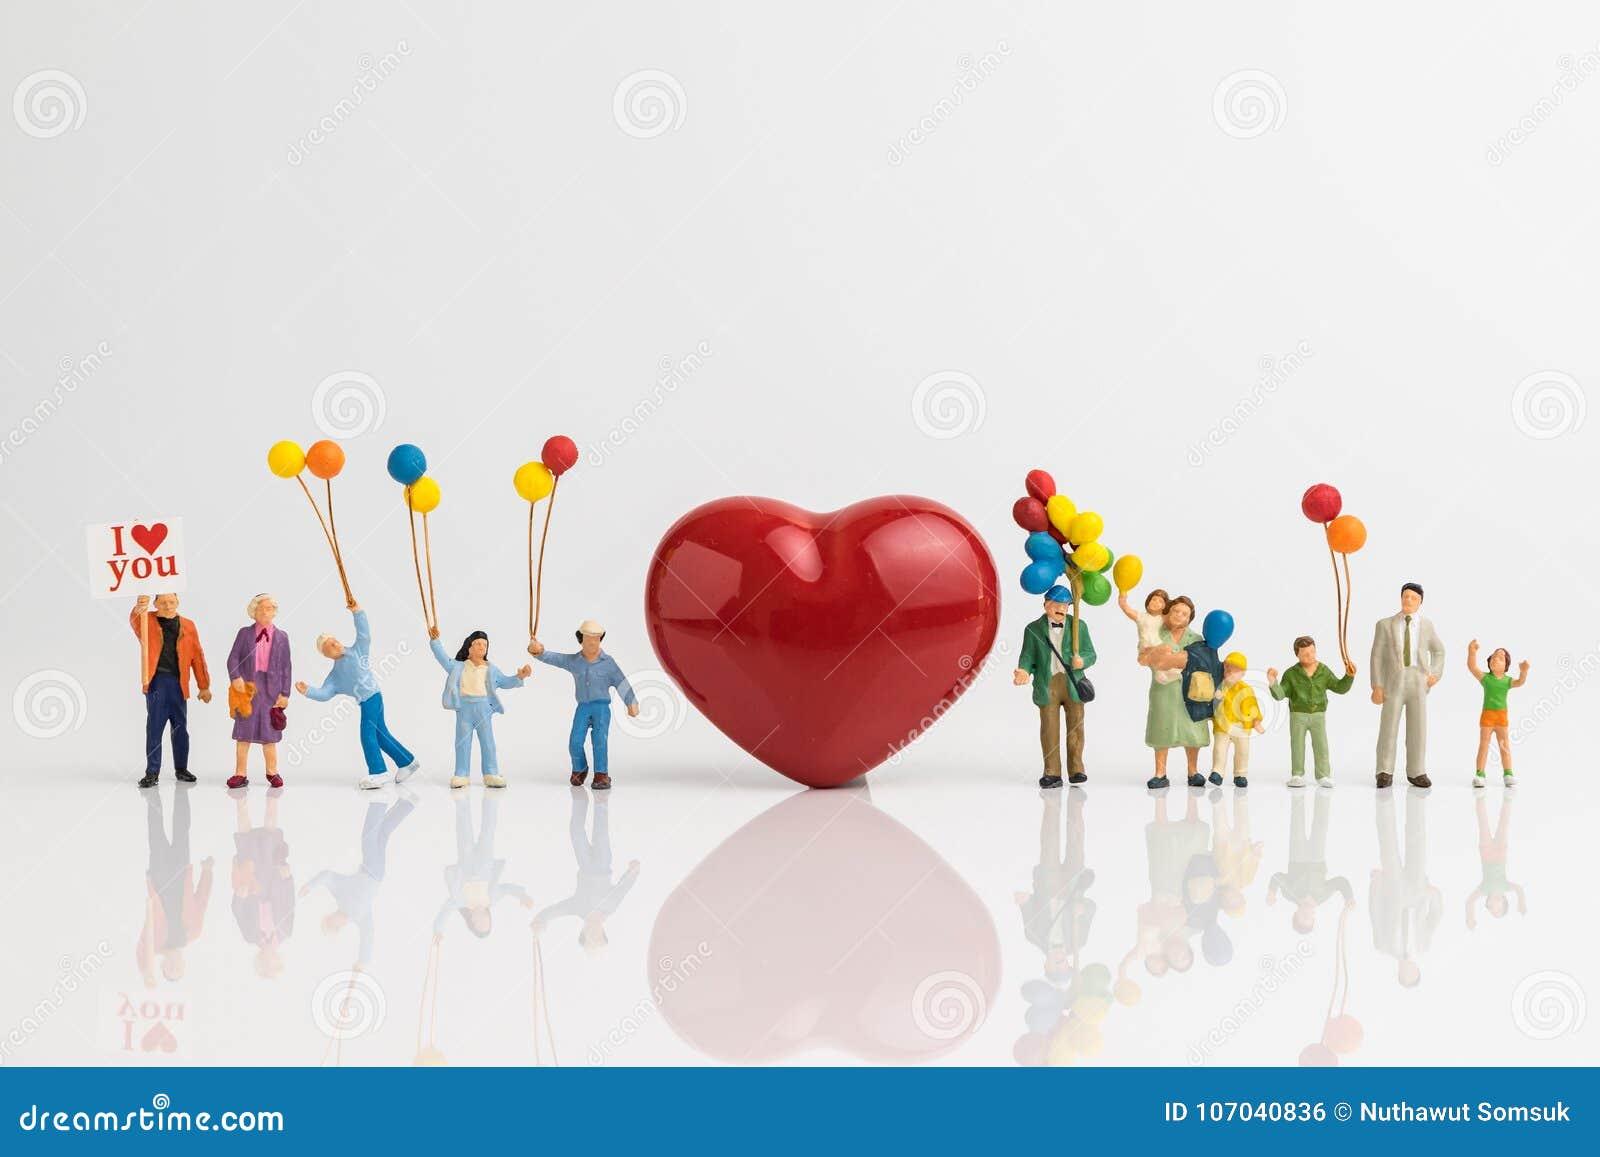 De miniatuurballons van de de familieholding van de mensen gelukkige liefde met rode hea